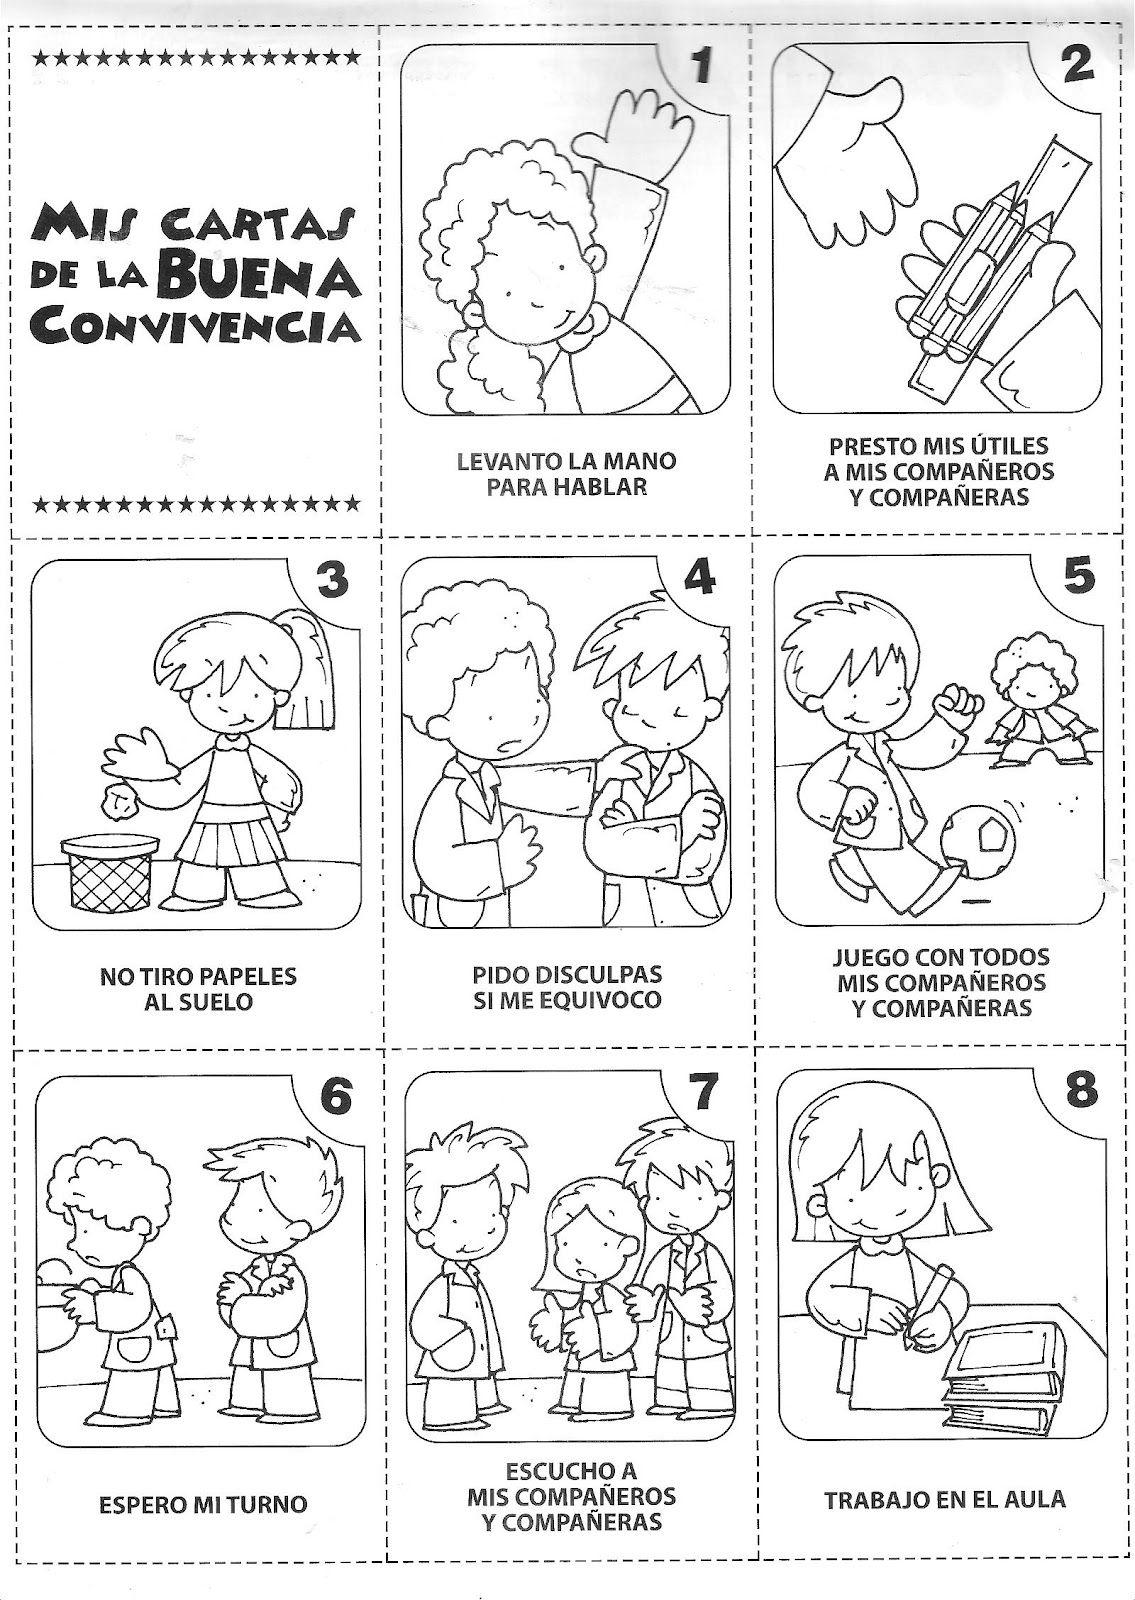 Dibujos Para Colorear Normas De Convivencia Imagui